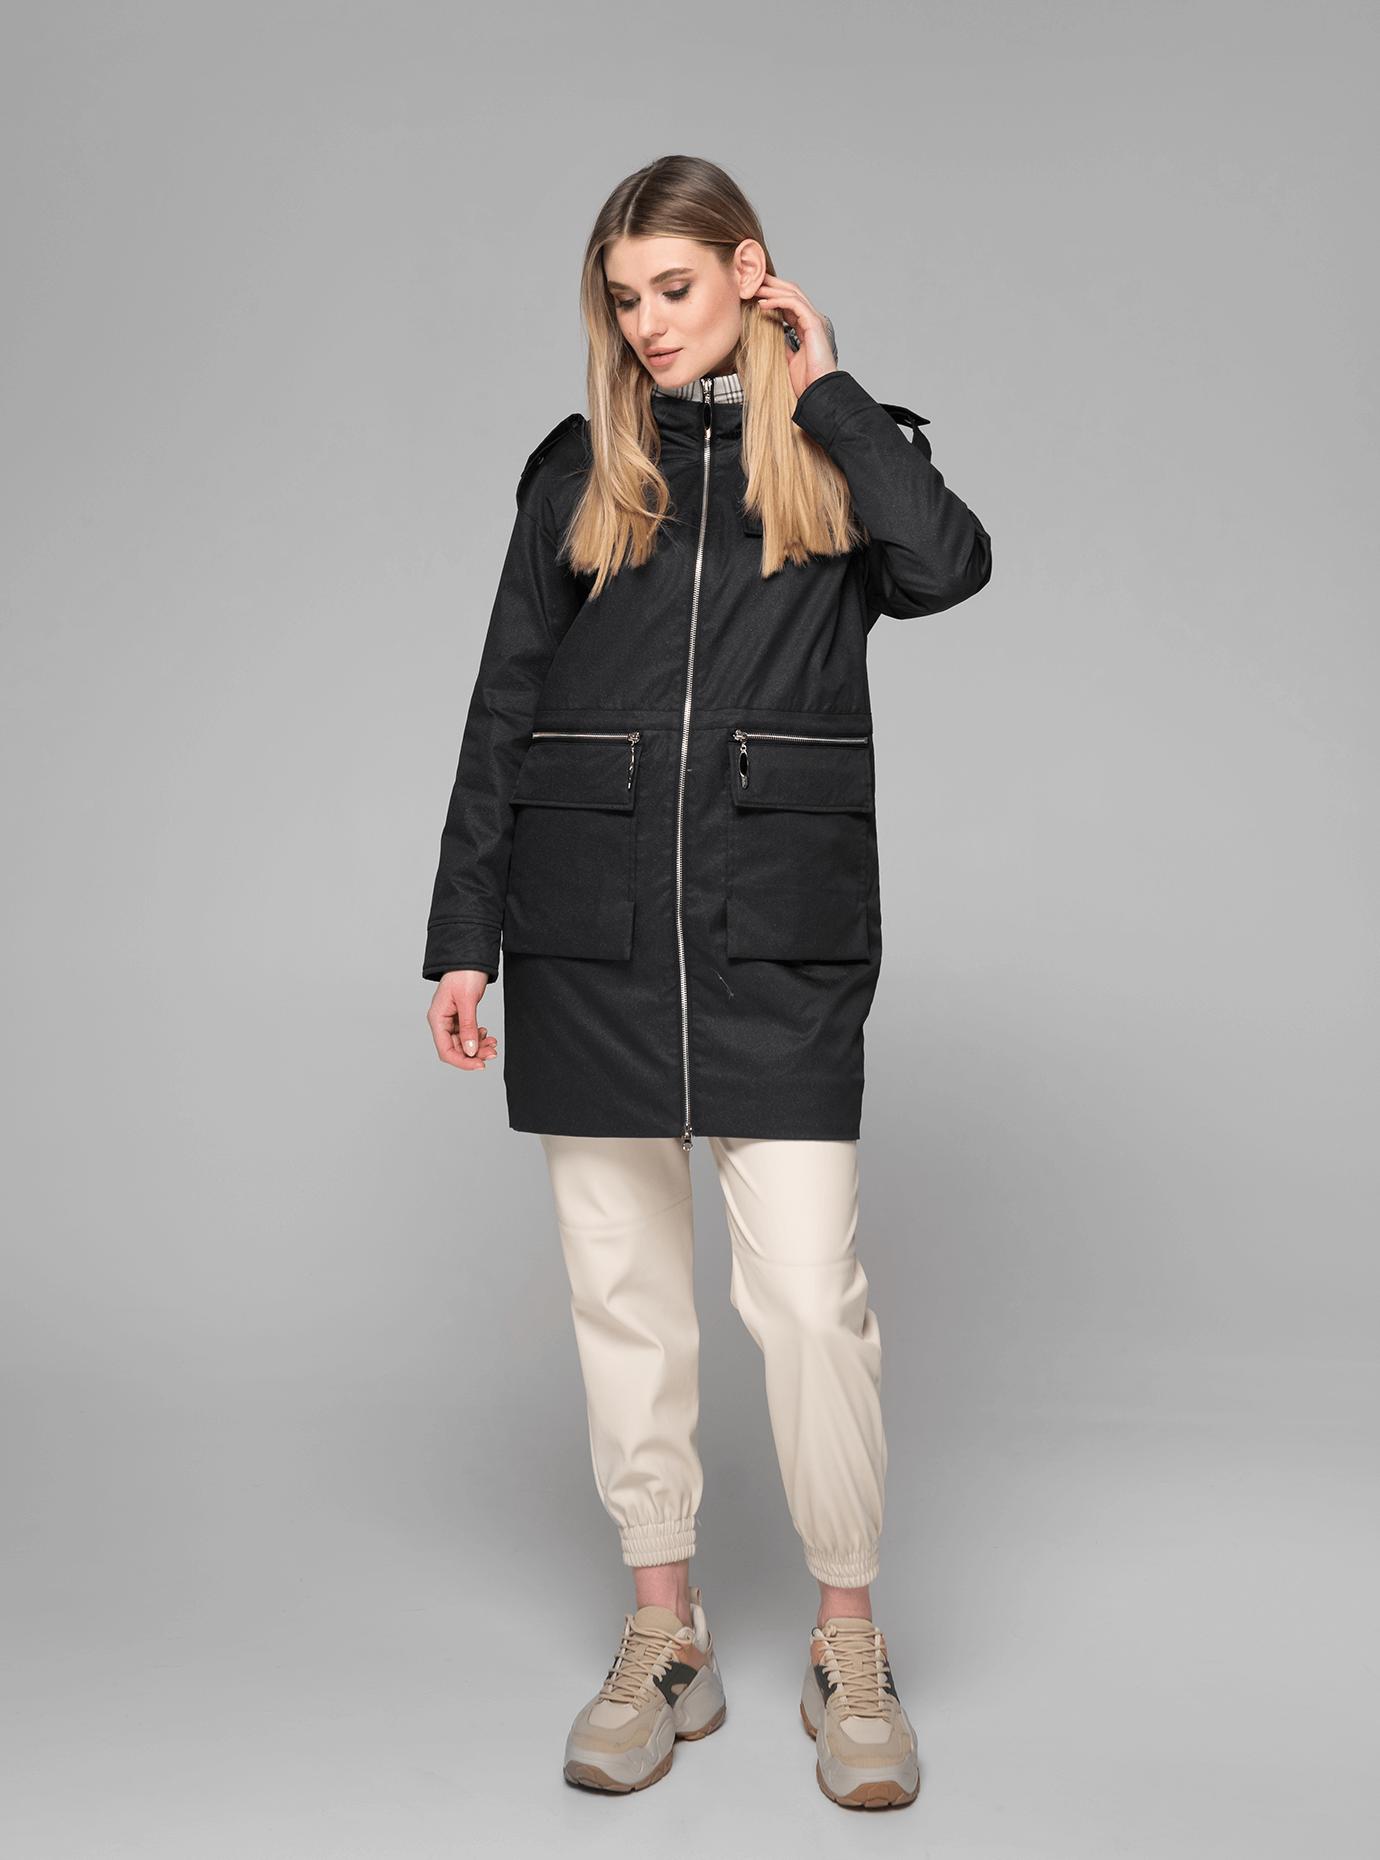 Куртка демисезонная женская средней длины Чёрный XL (02-V191029): фото - Alster.ua